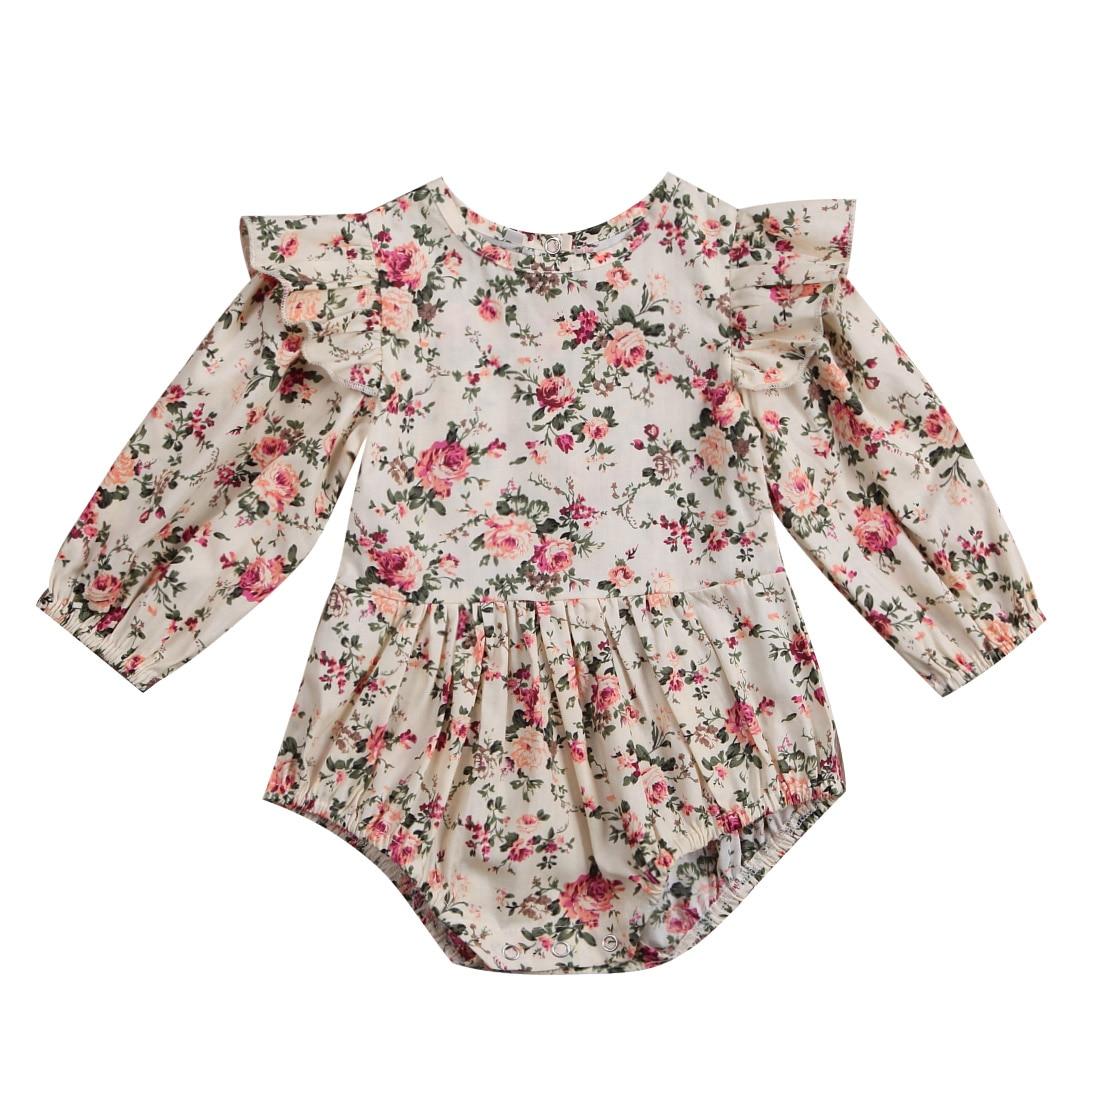 Newborn Toddler Baby Girls Ruffles Floral Romper Jumpsuit Outfits Clothes Innrech Market.com